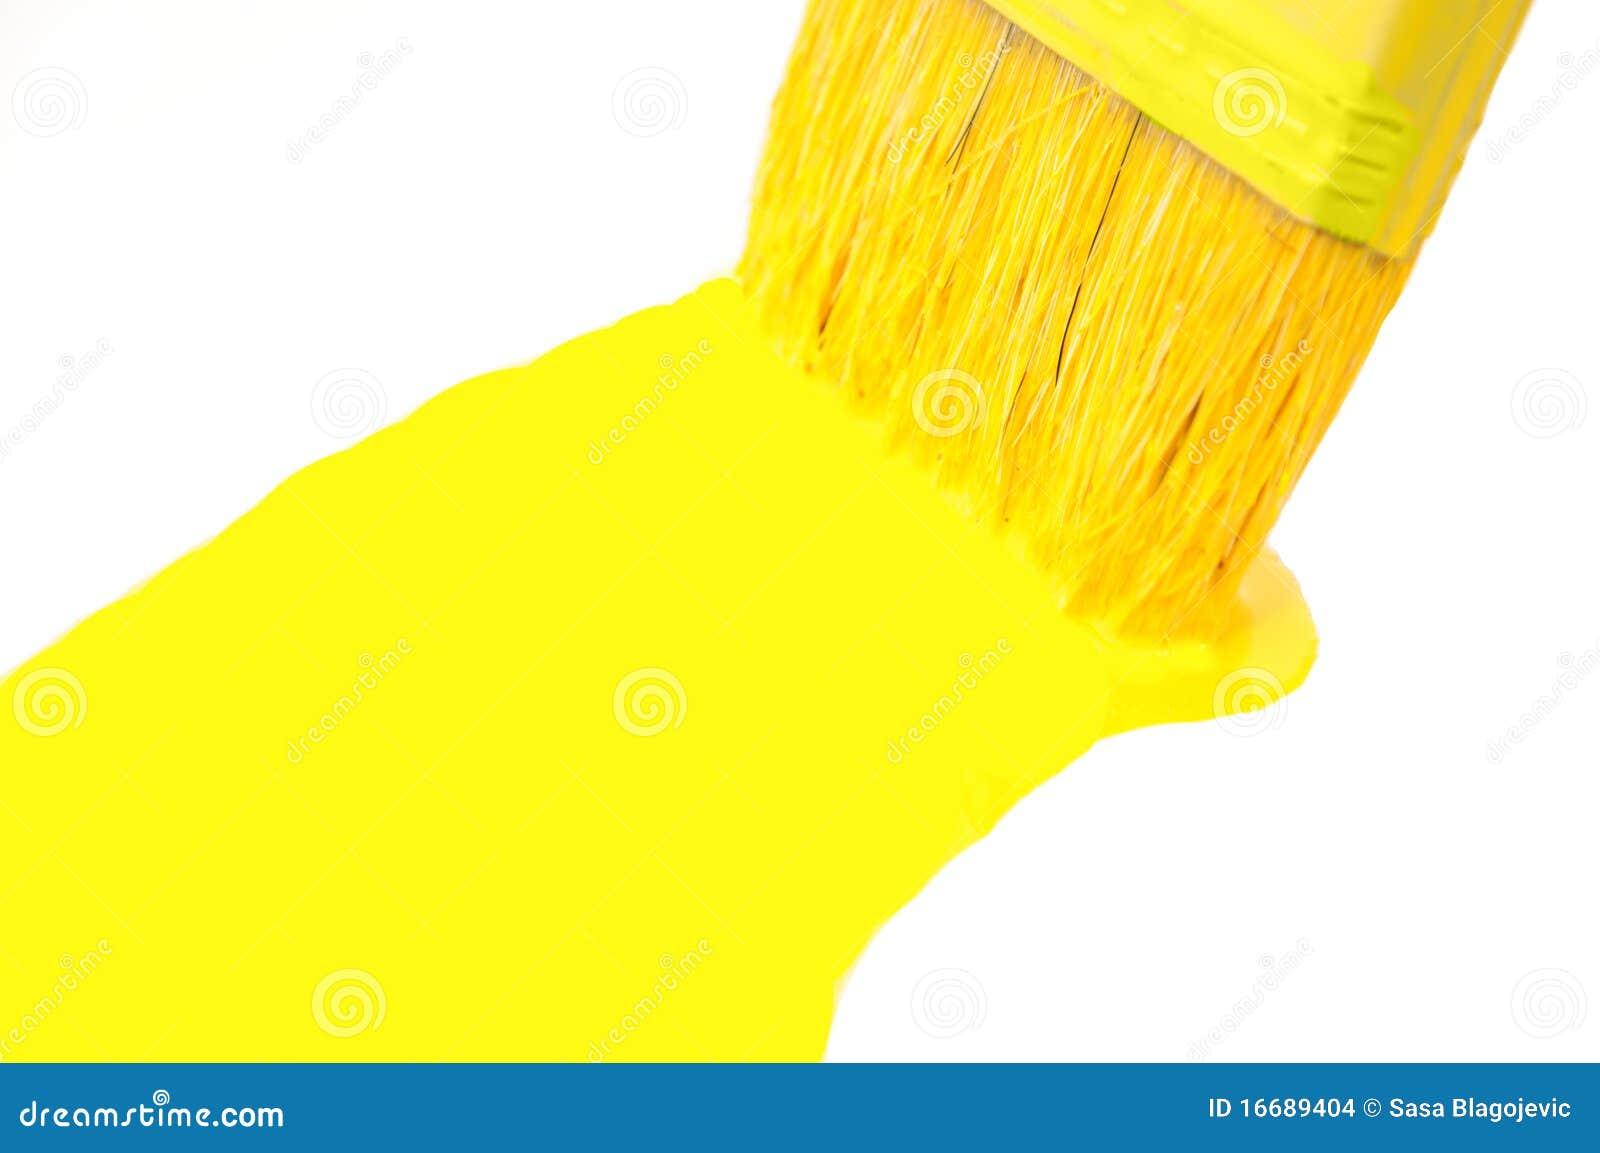 Berühmt Gelbe Färbung Galerie - Malvorlagen Von Tieren - ngadi.info